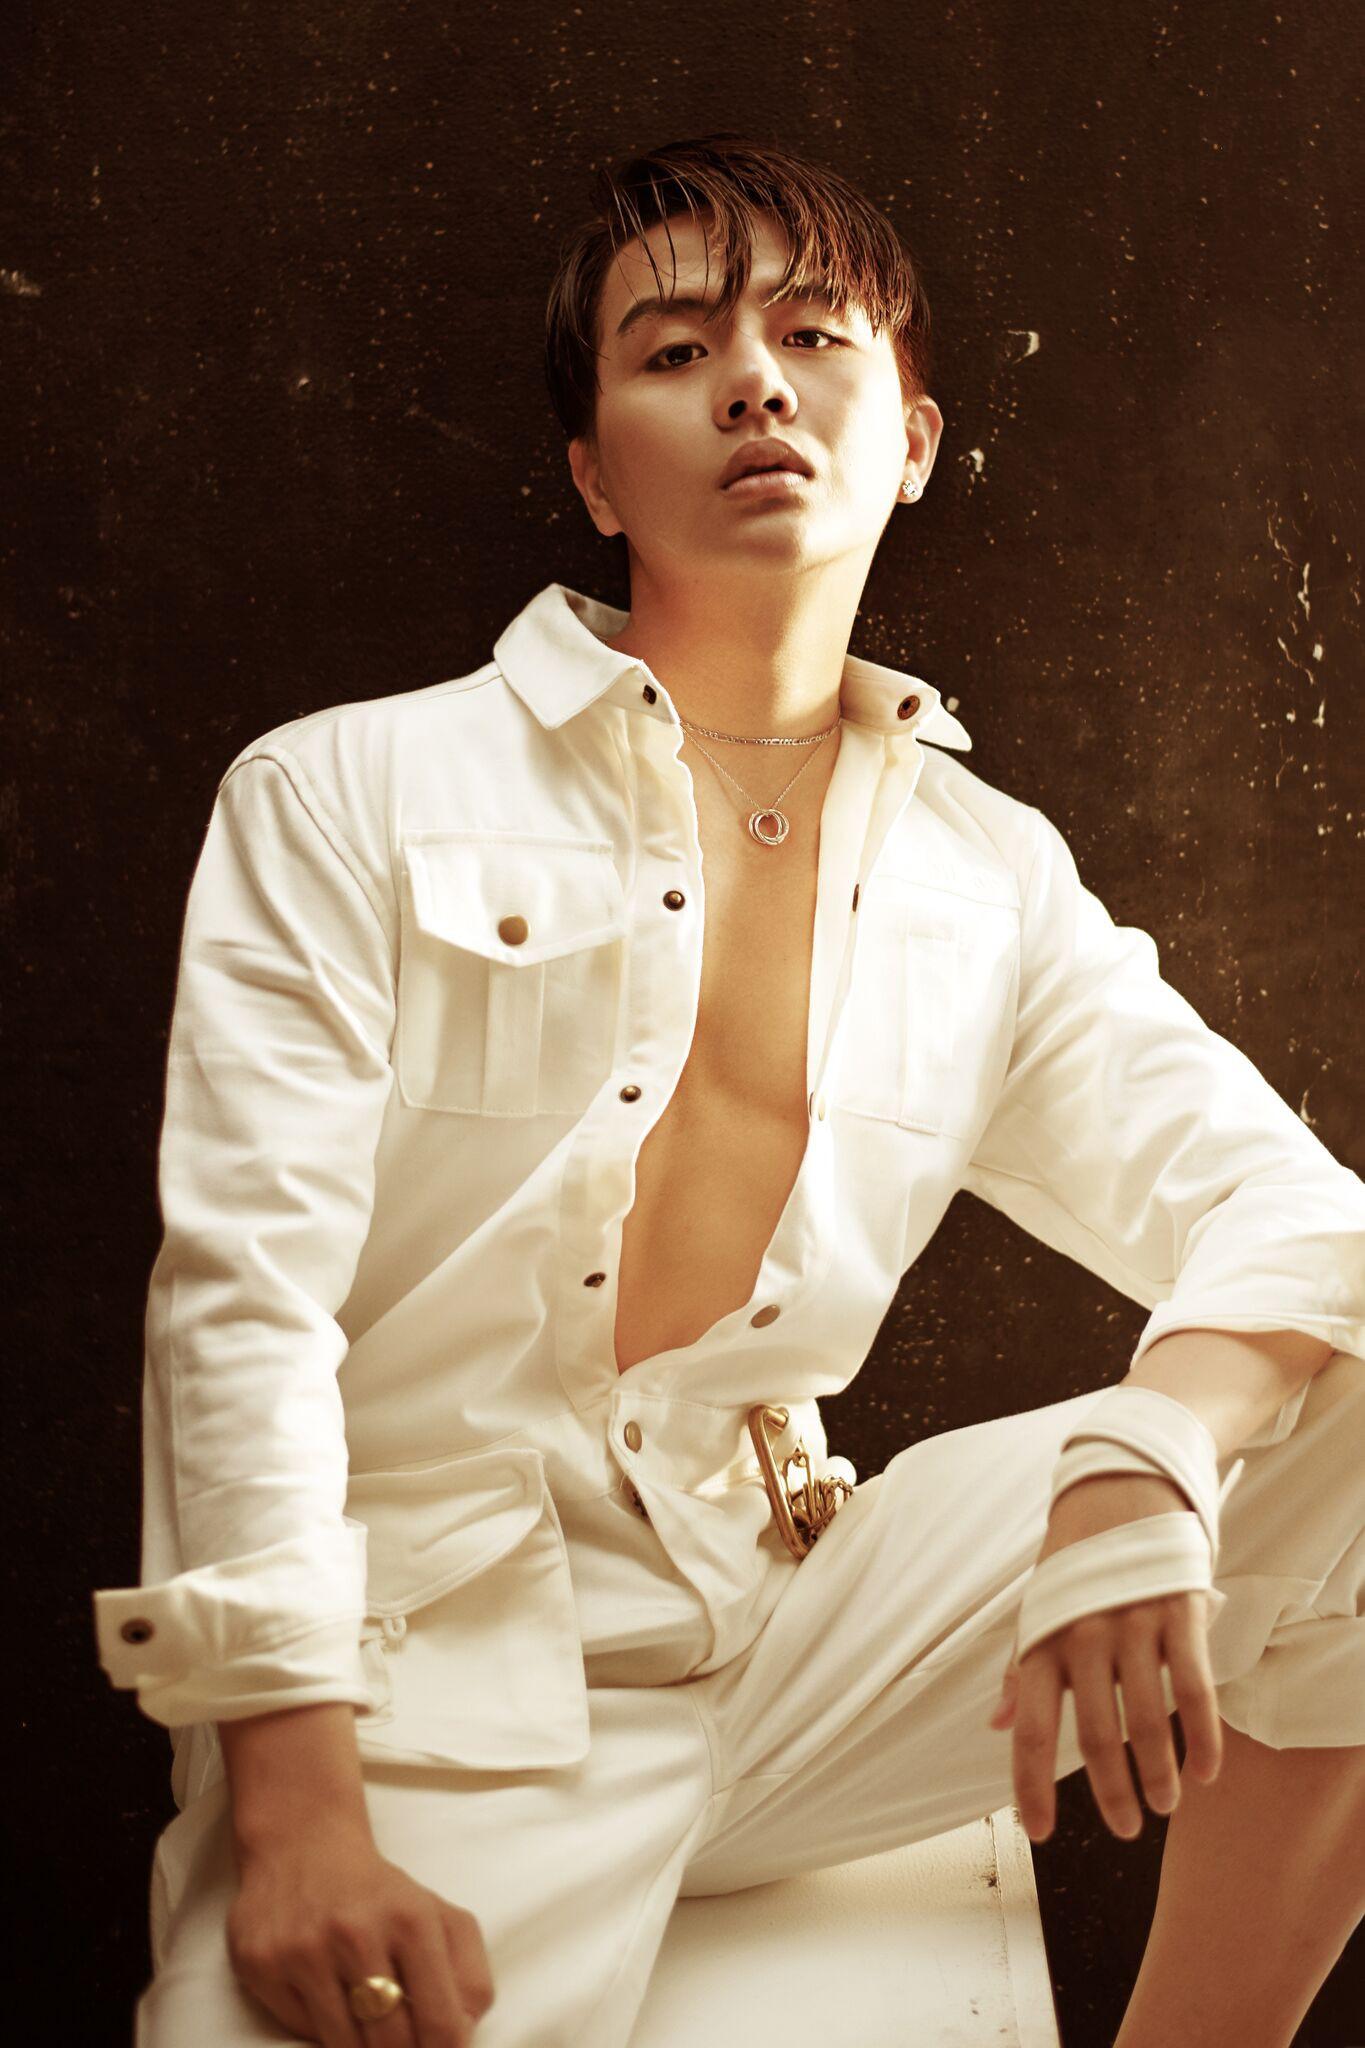 Có một Duy Khánh đã hết giả gái, cool ngầu và nam tính trong loạt ảnh mới - Ảnh 1.